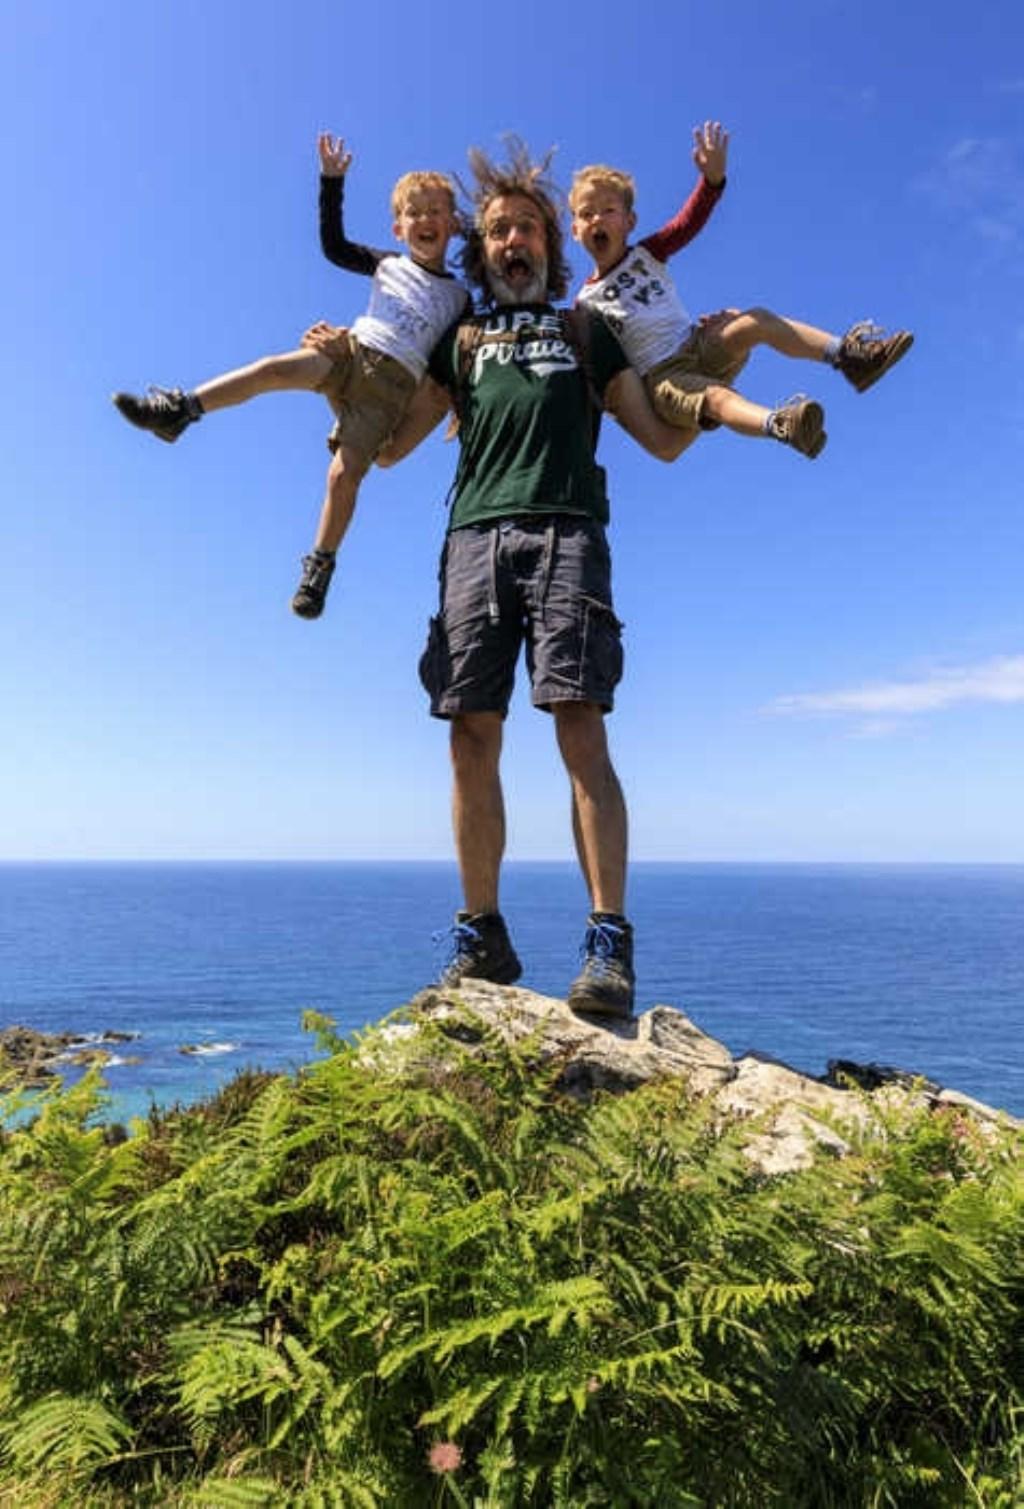 Sven en Mees Tilmans hebben samen met mama Anne en papa Martin gewandeld in Cornwall, Engeland. Mama maakte deze foto van de drie stoere mannen. Anke Trapman © BDU media